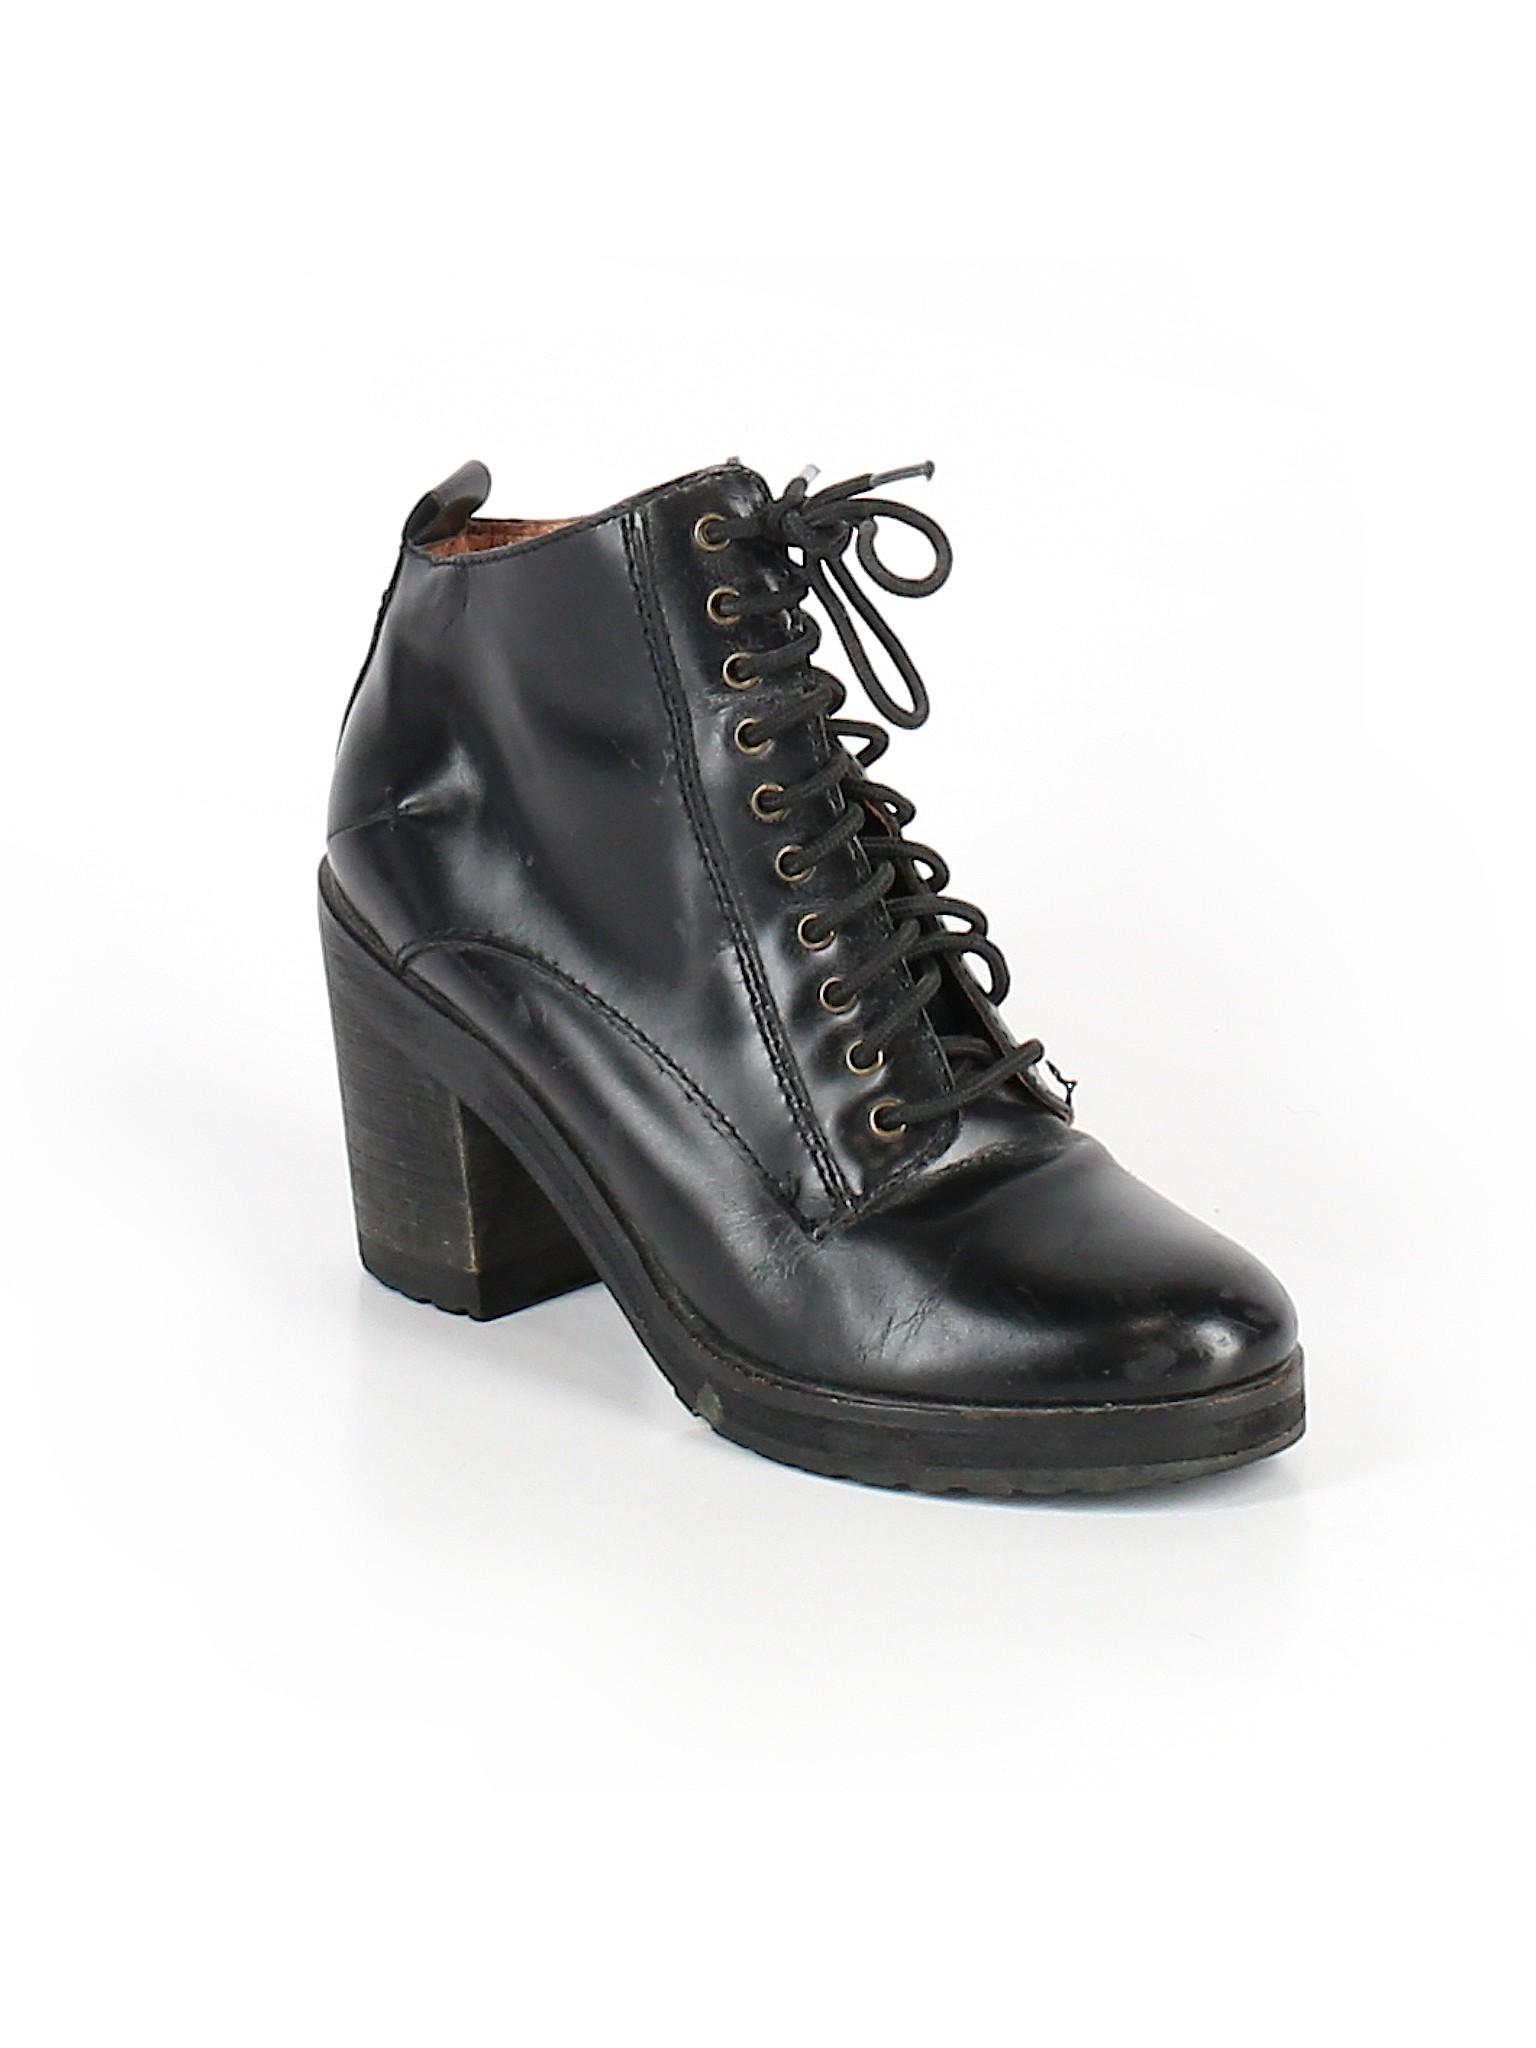 Boutique Boots Miz Boutique promotion Miz Mooz Mooz promotion Ox4qgF7E4w